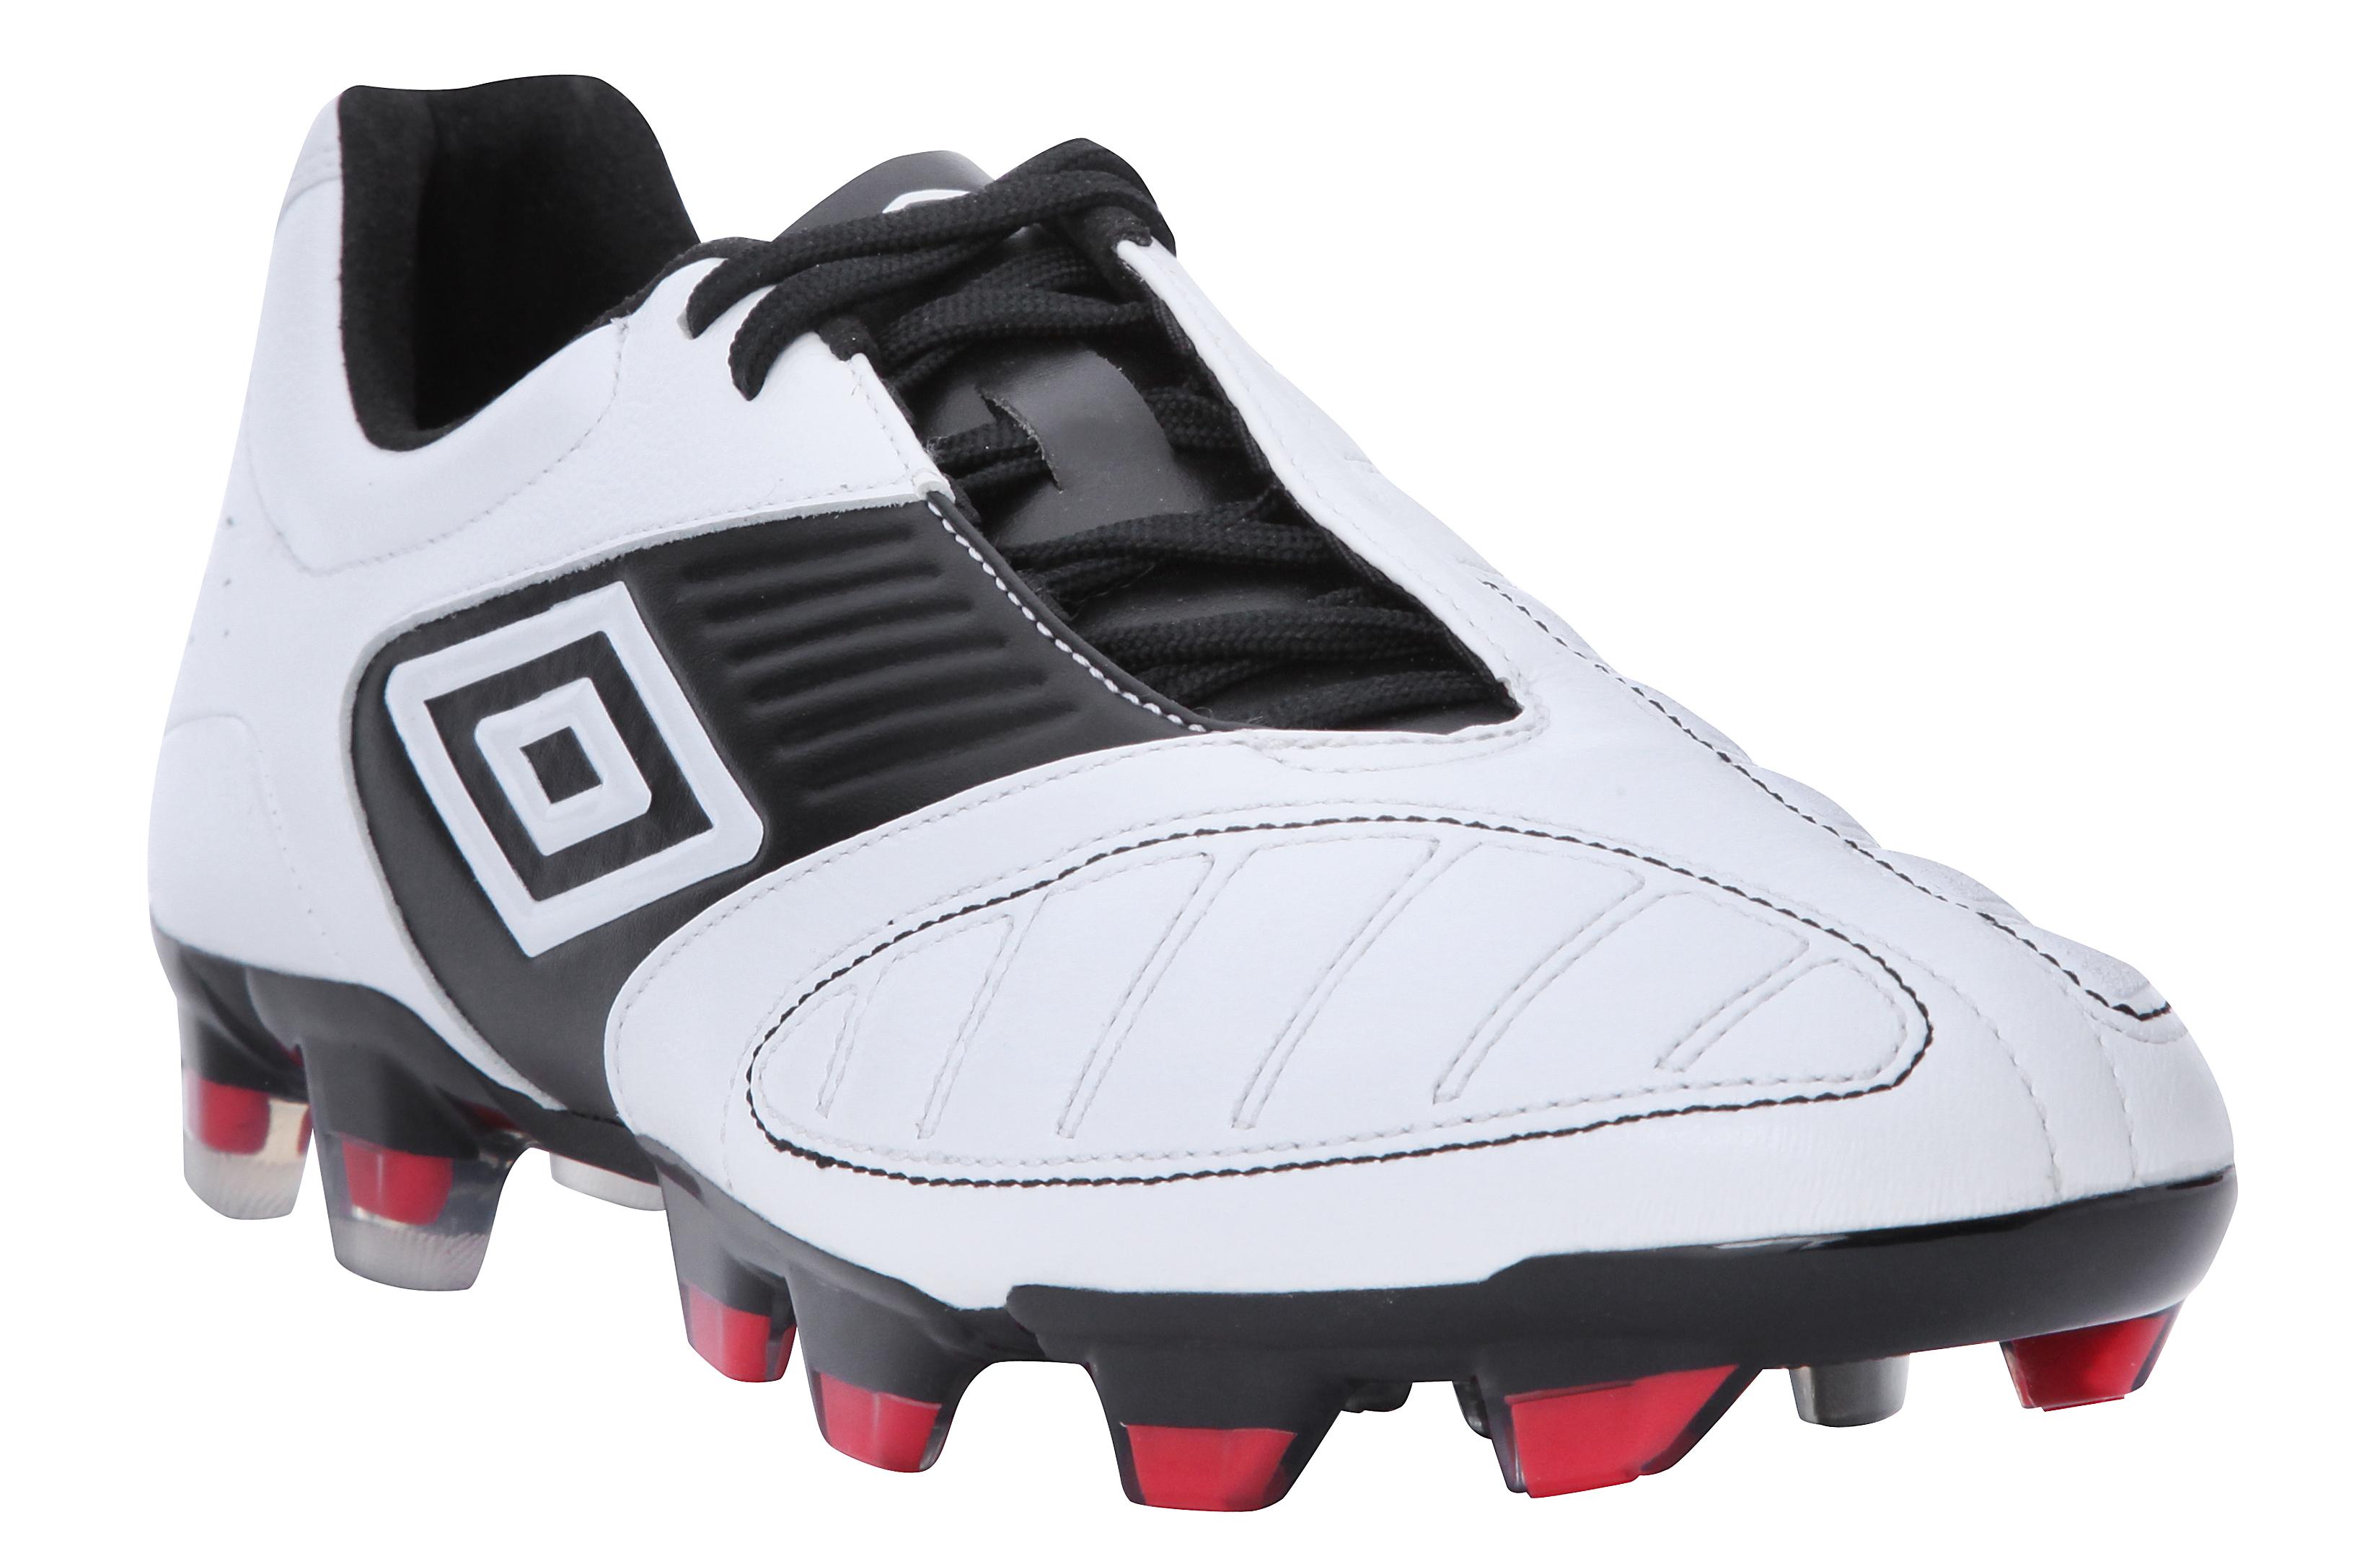 363e645b2 Umbro introduces the Geometra football boot - Nike News .